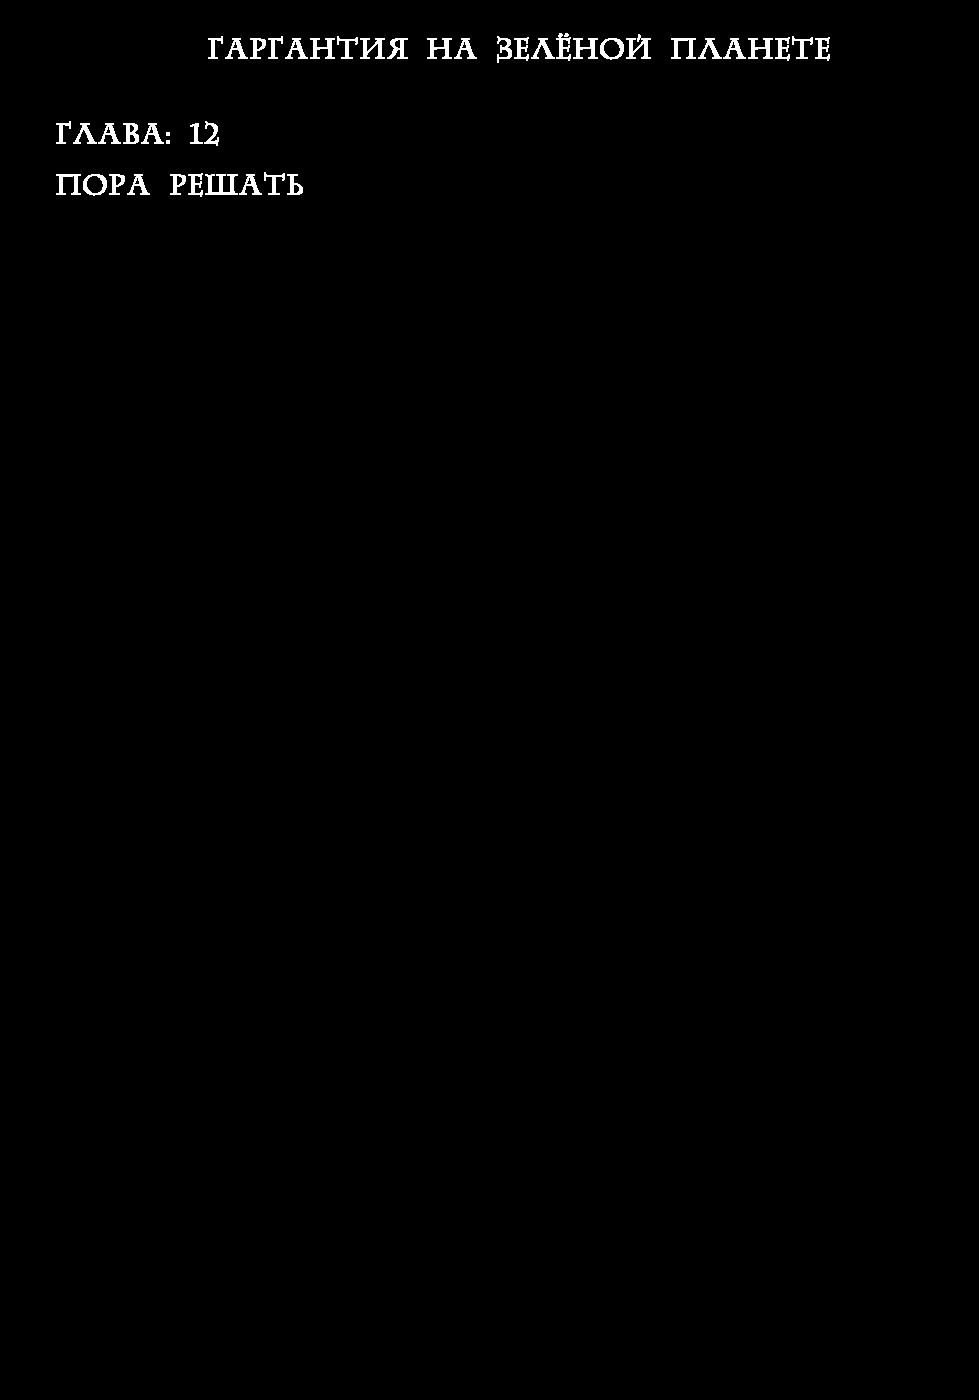 Гаргантия на зелёной планете 3 - 13 (12)